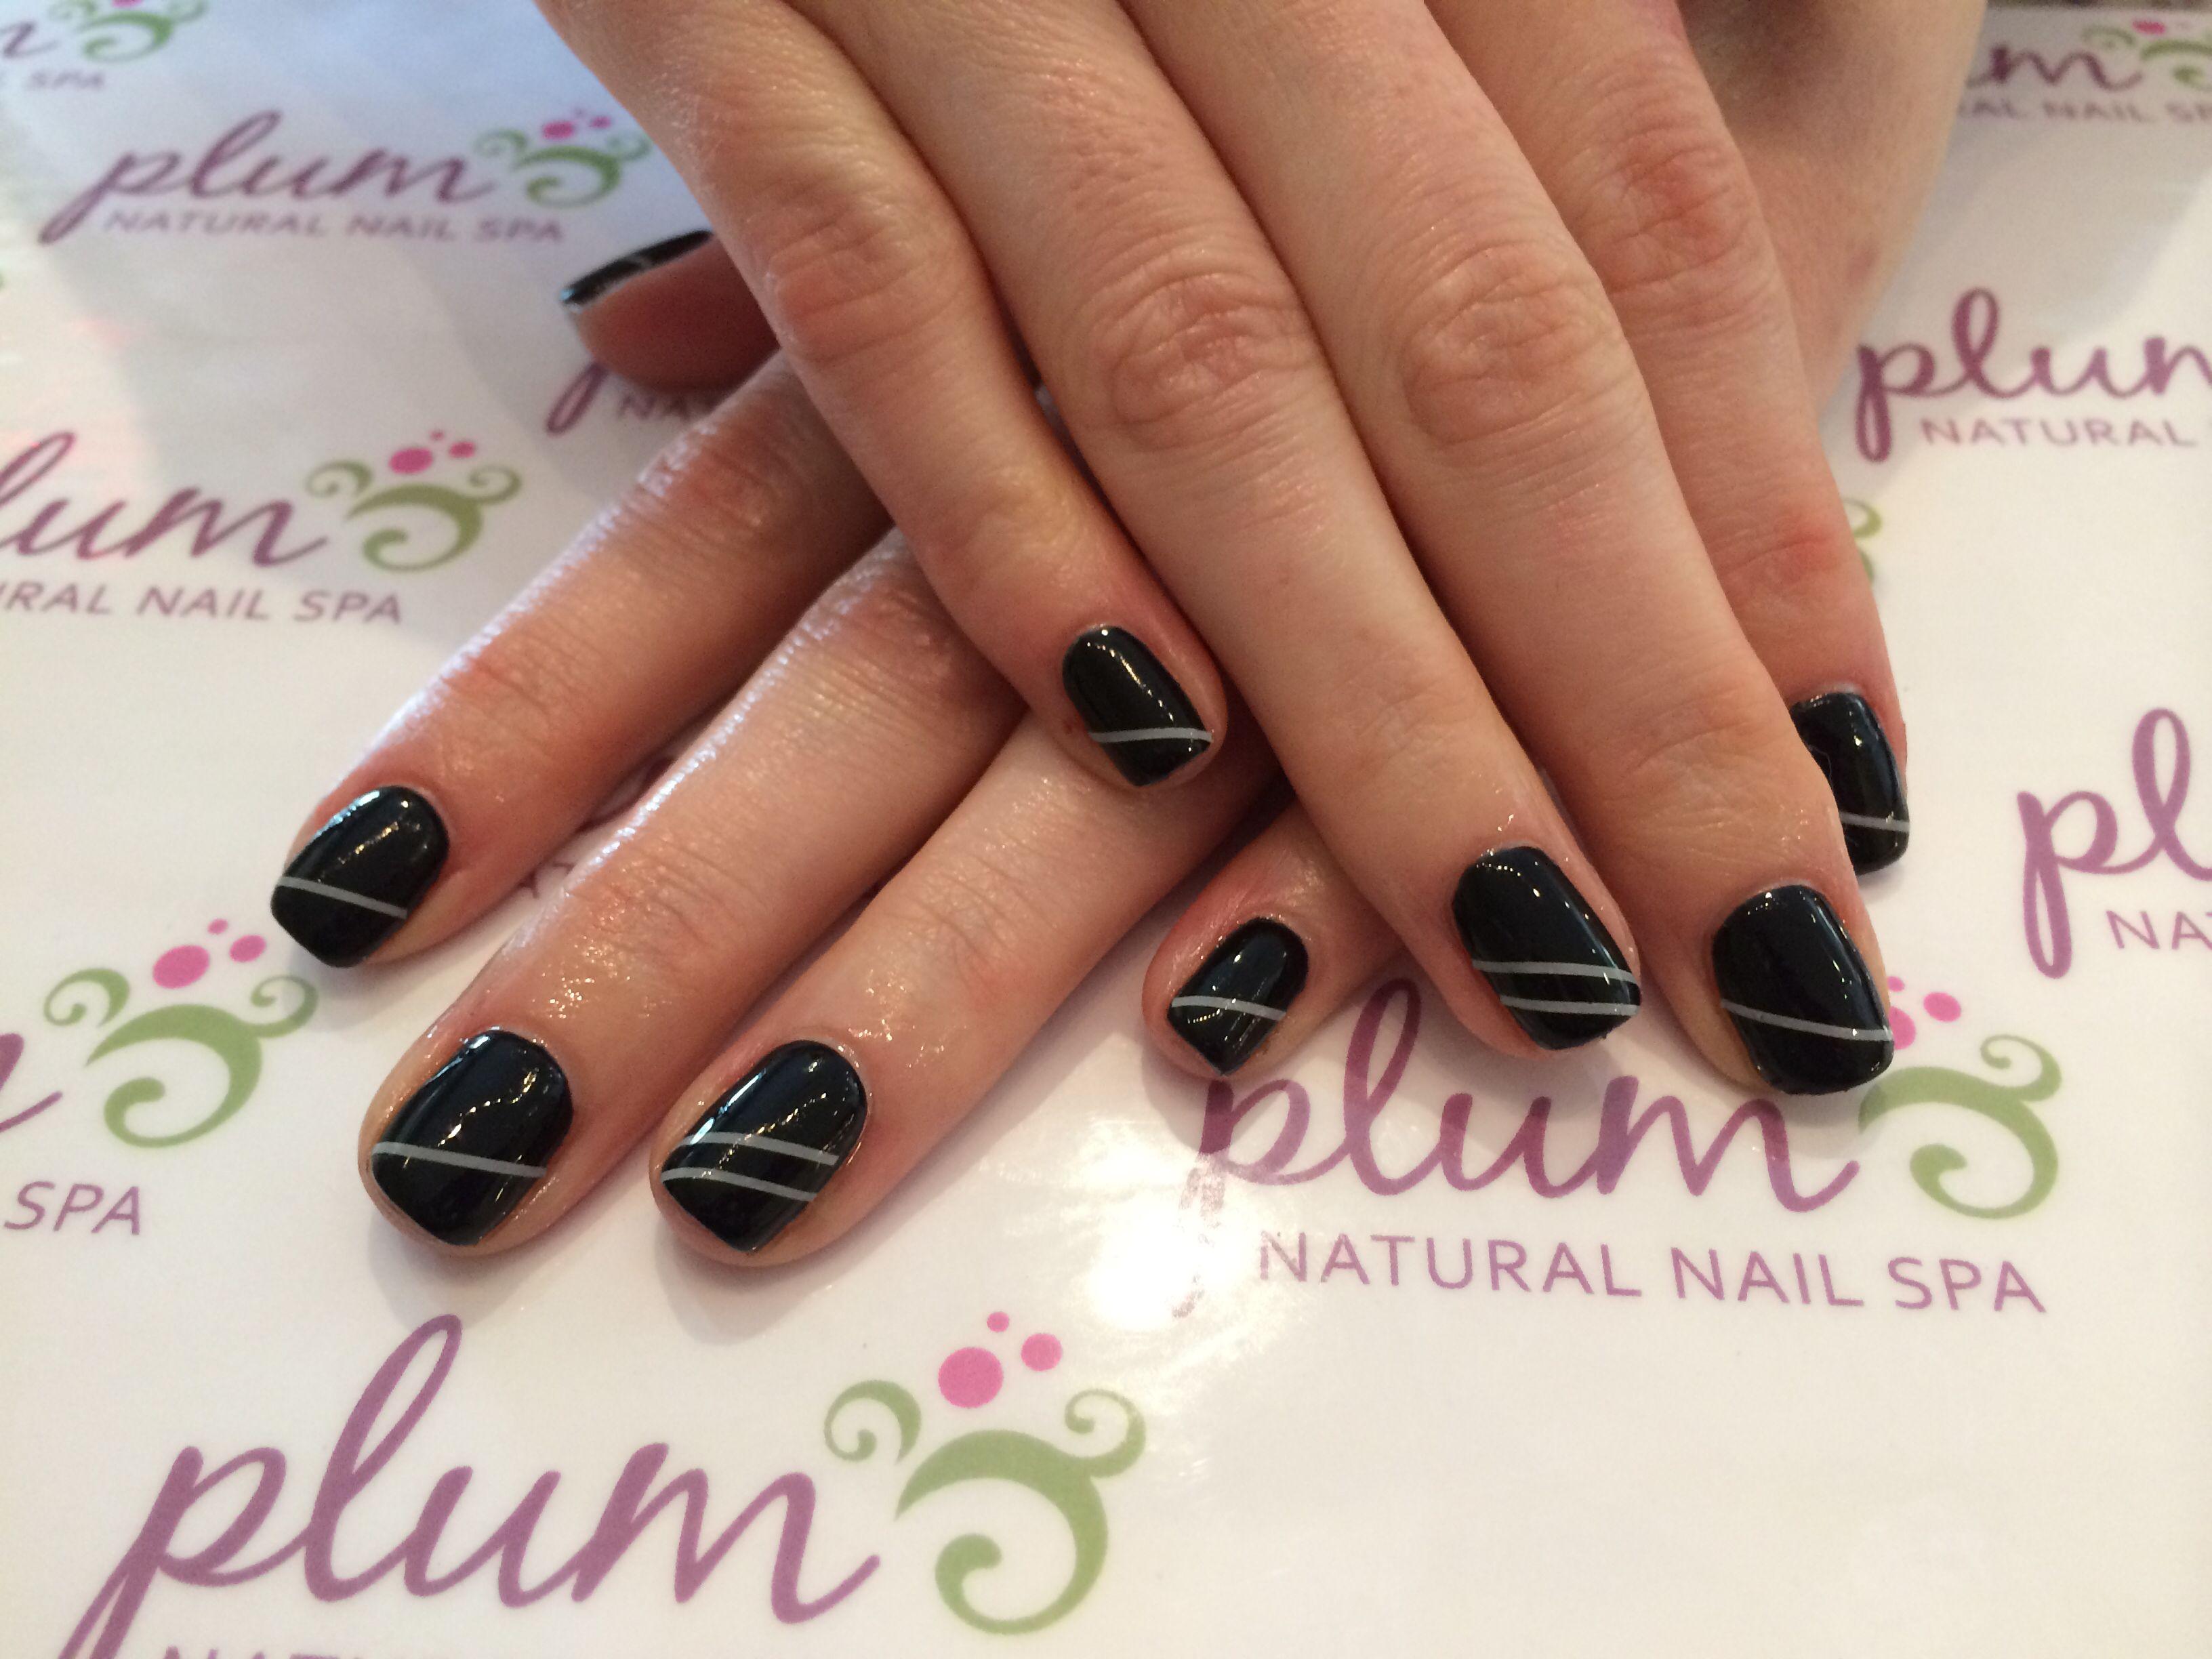 Edgy rock-n-roll nails #nailart #blacknails | Nail Art from Plum ...